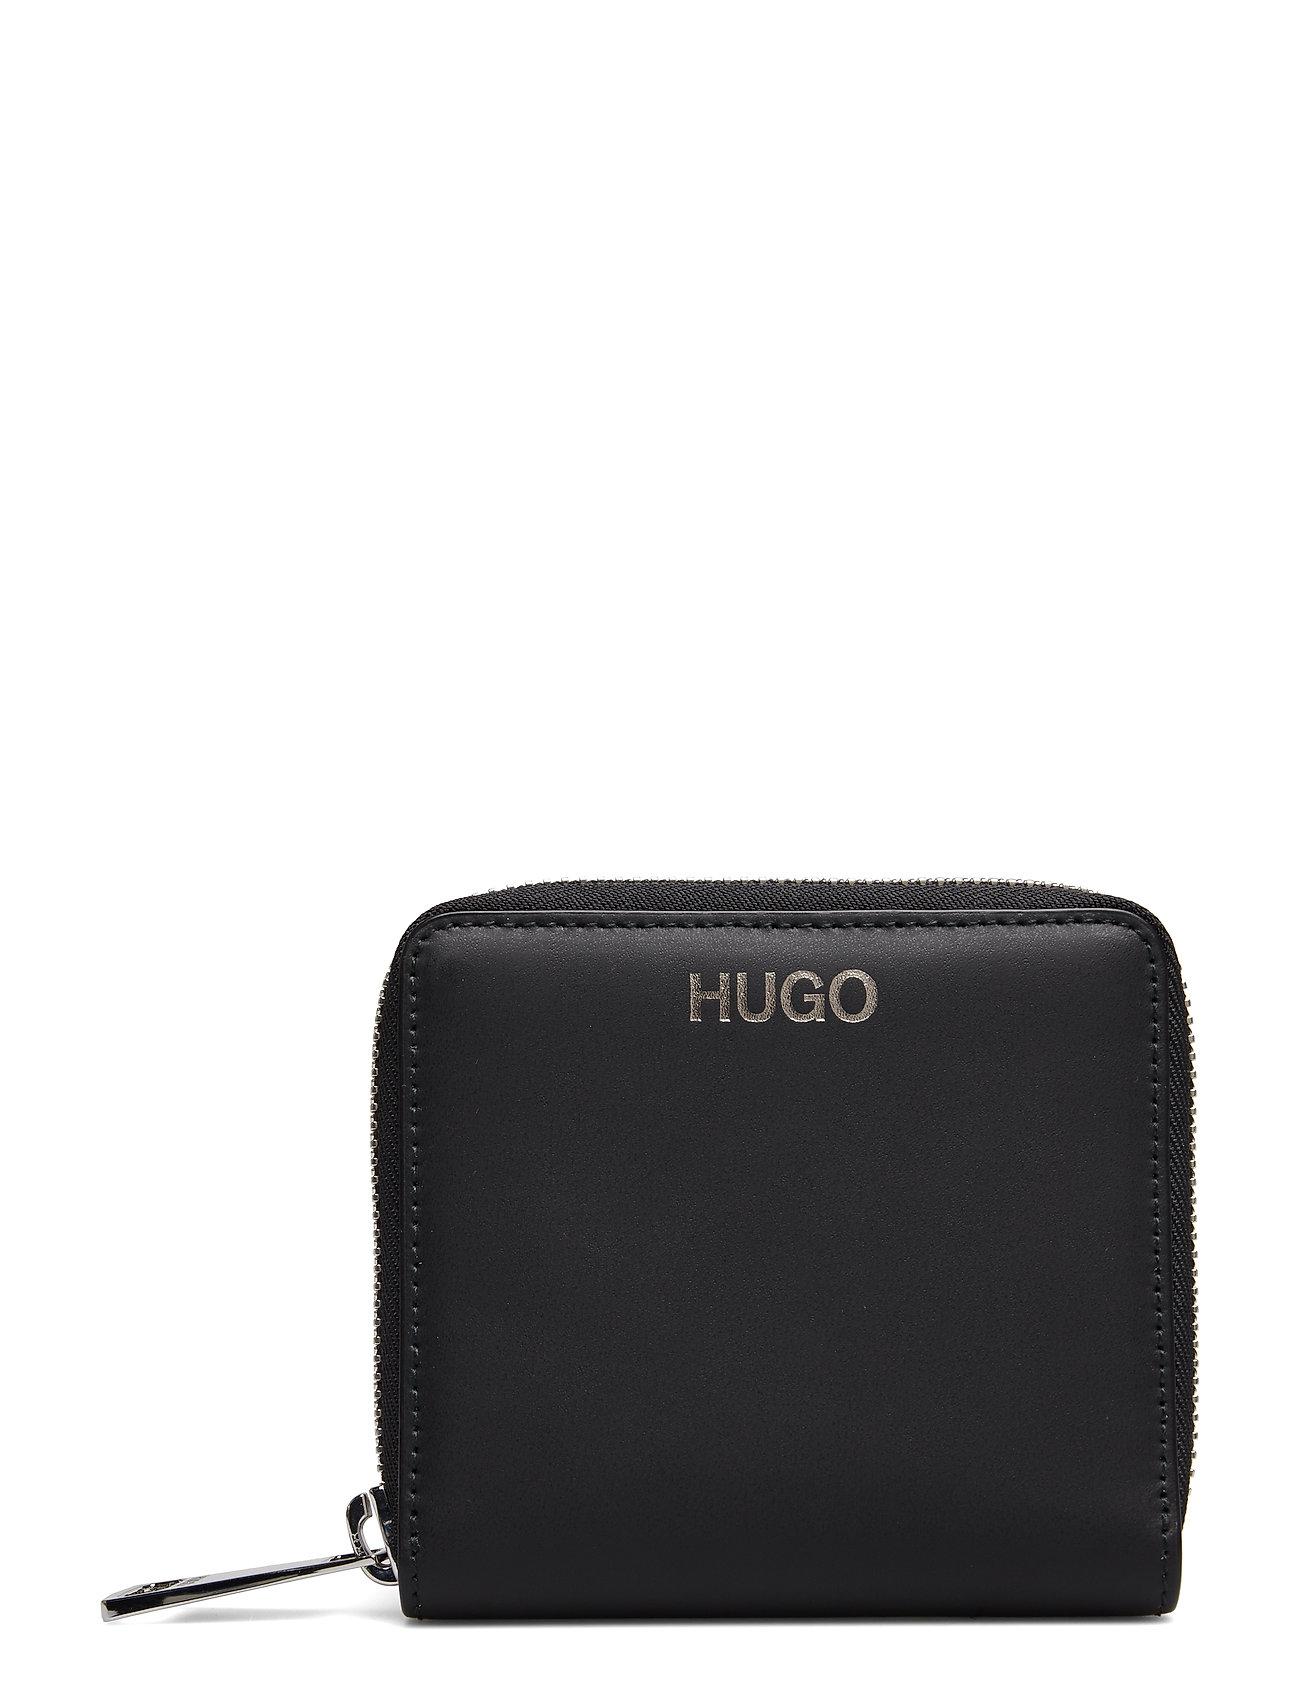 HUGO Hoxton SM Wallet Plånböcker